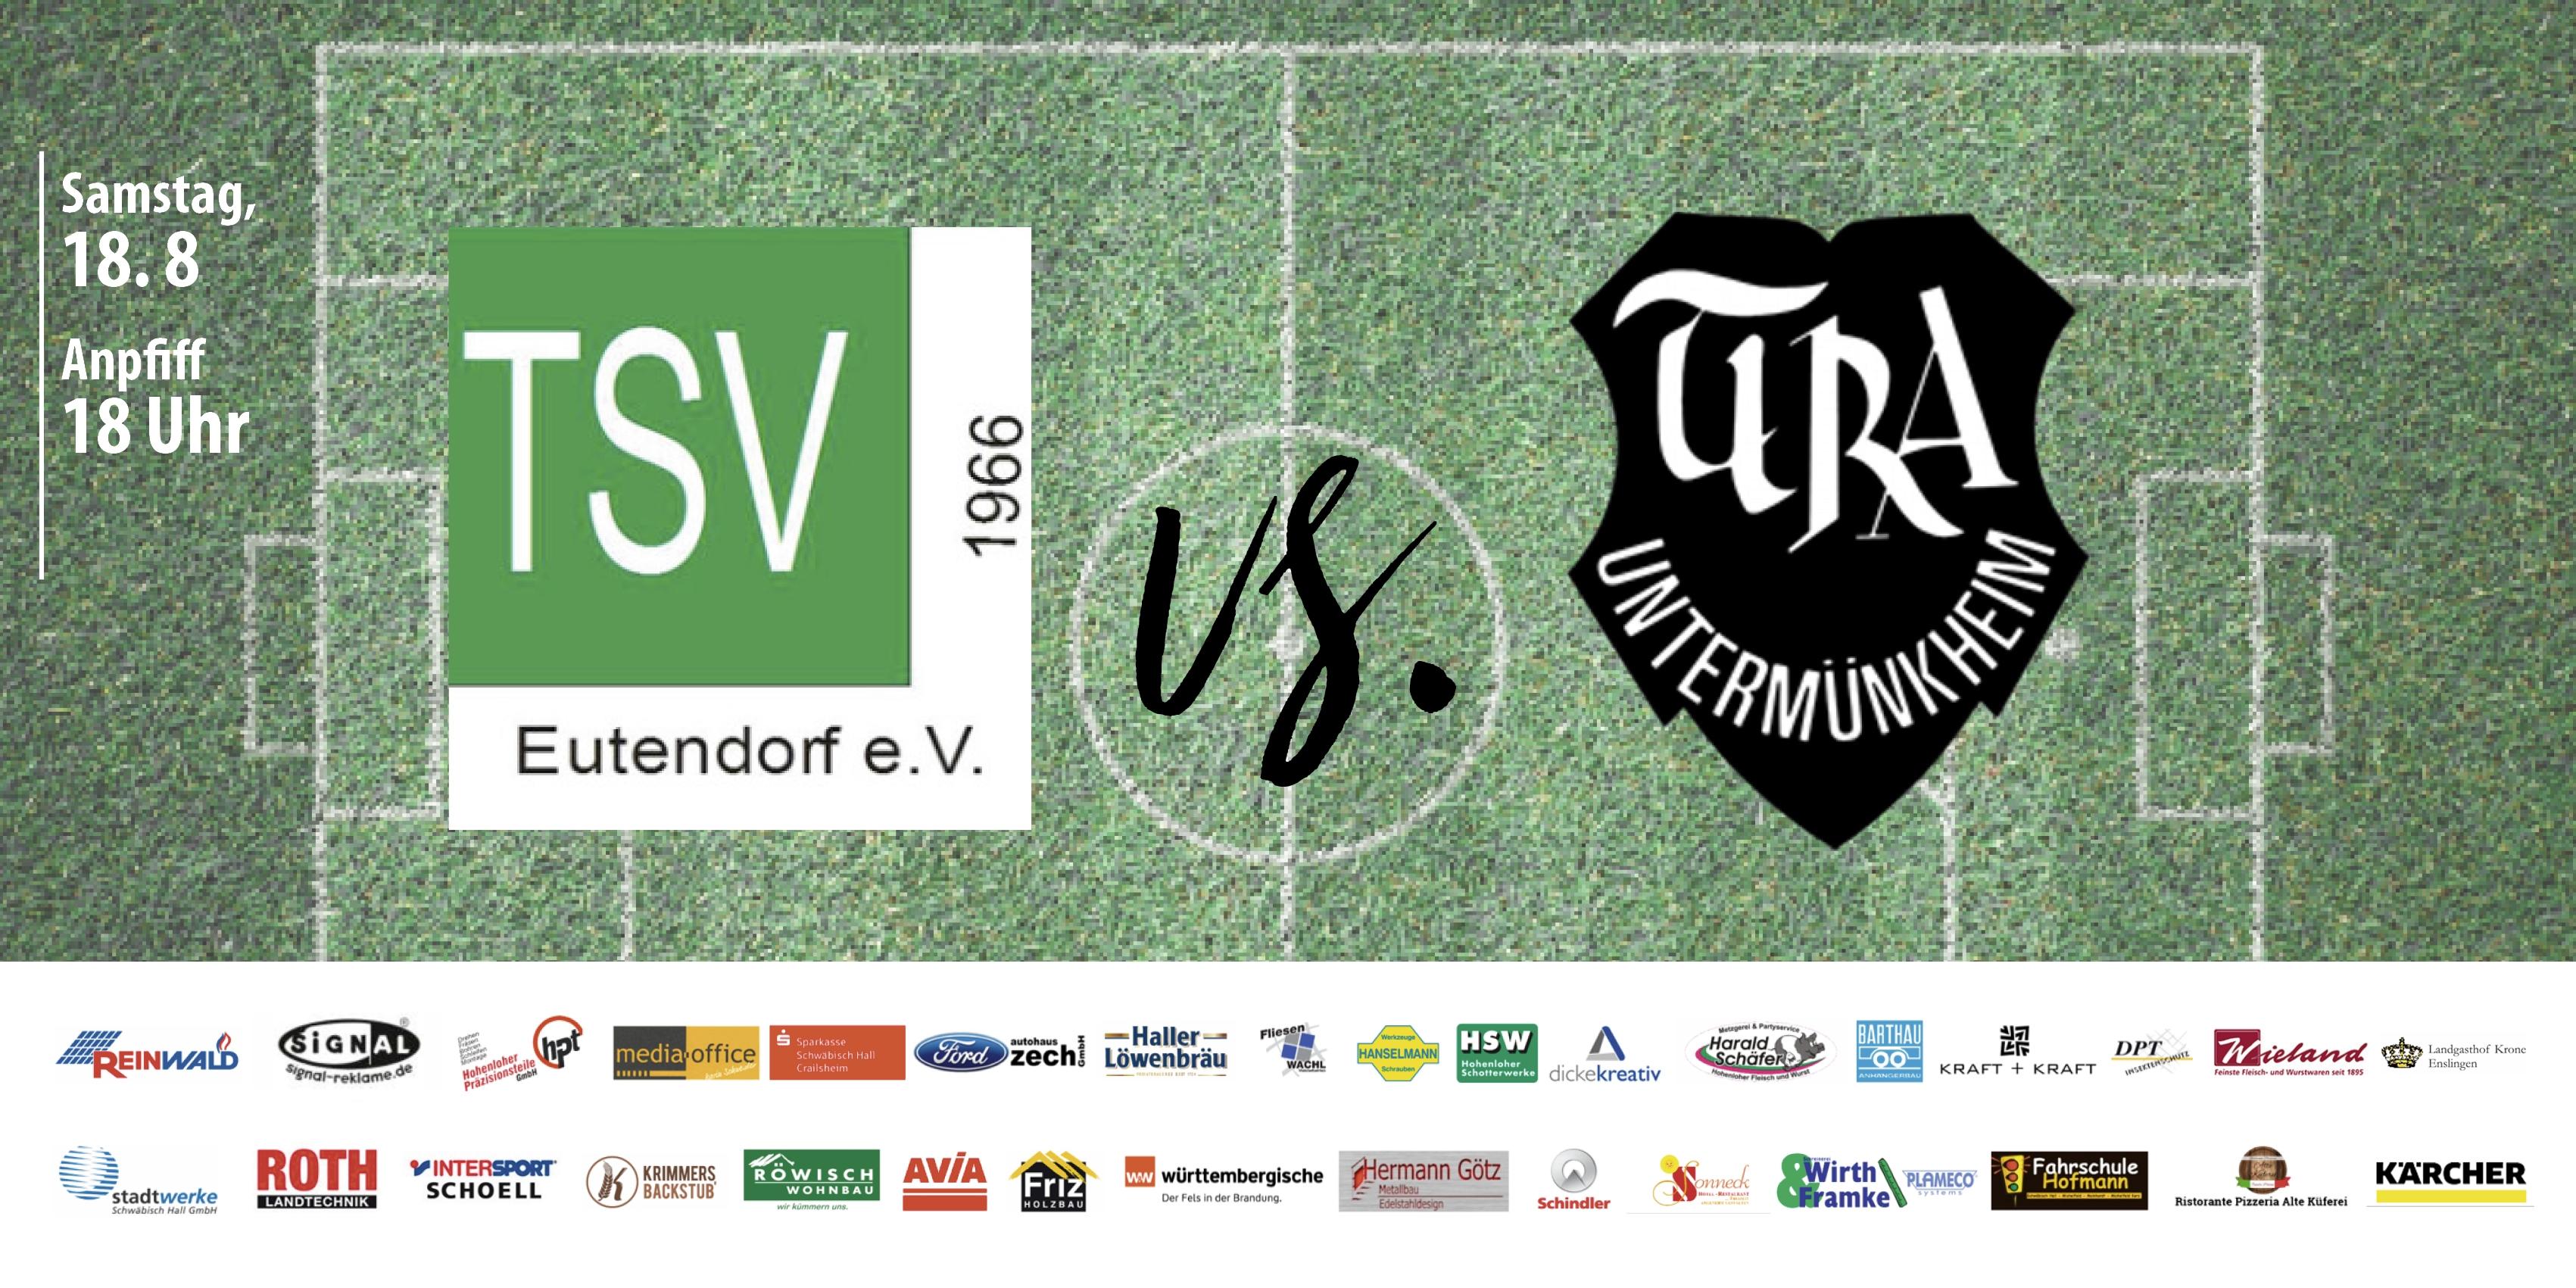 ITura Untermünkheim - TSV Eutendorf